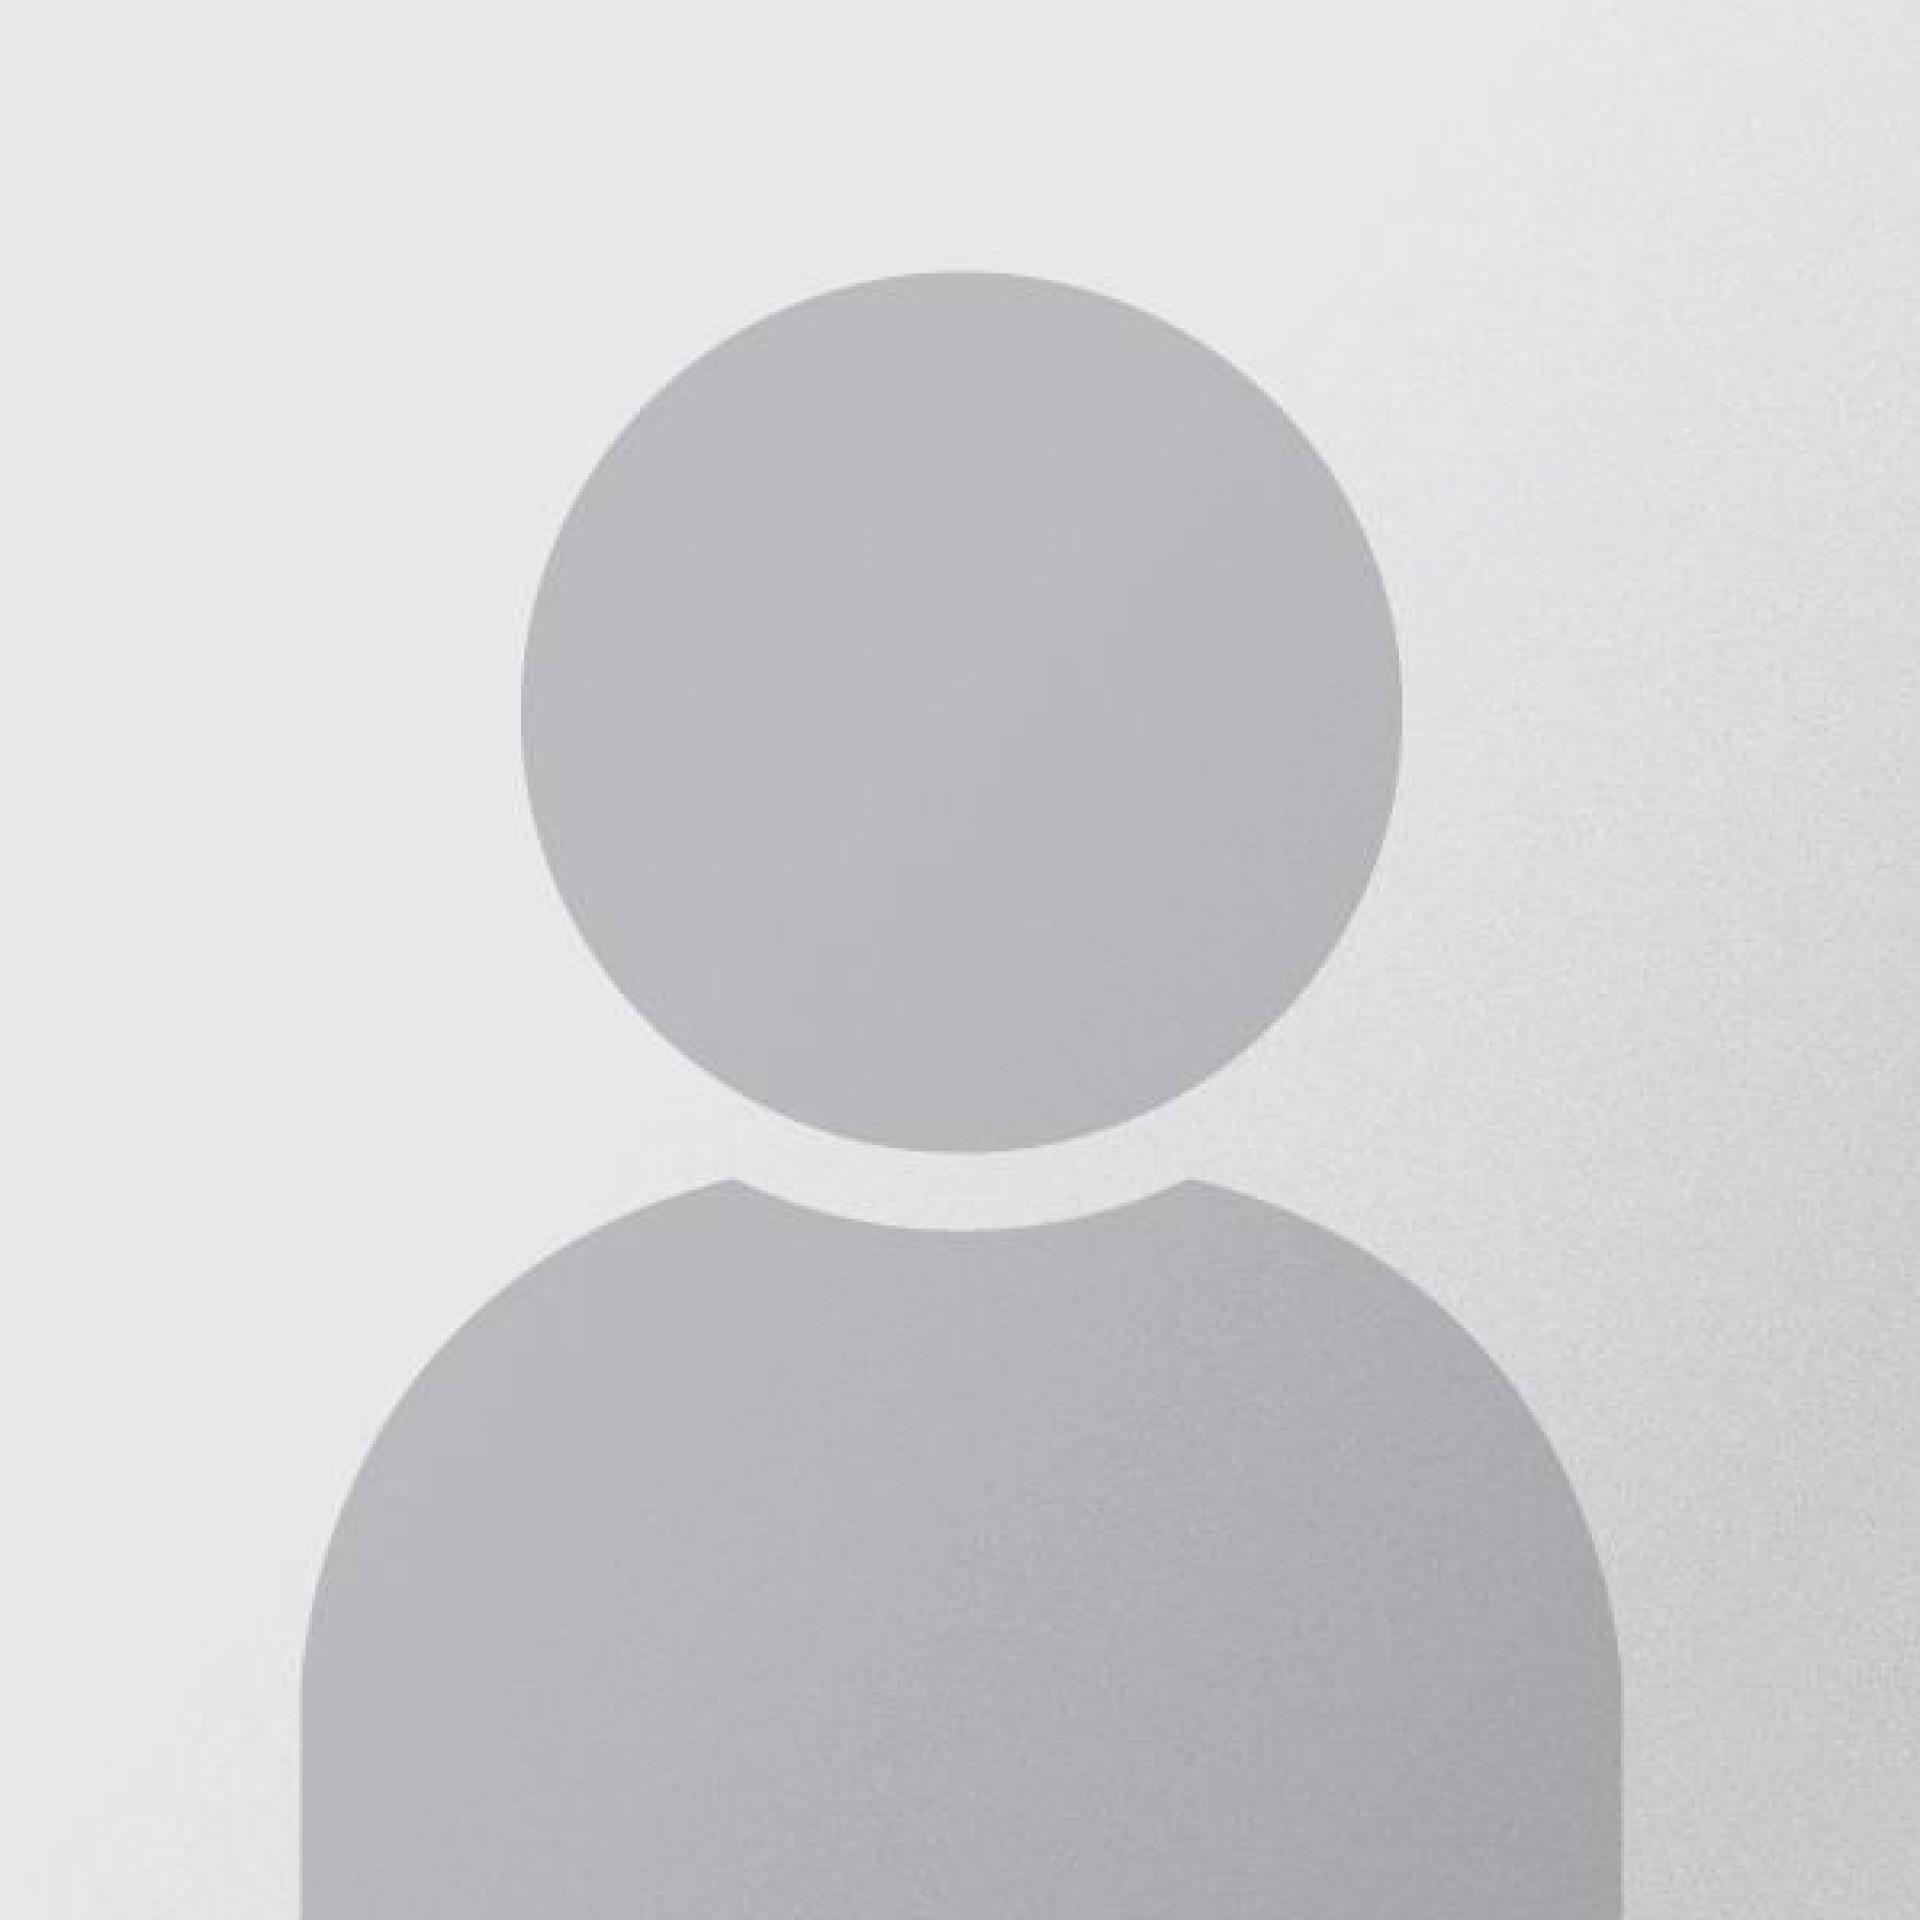 fotografia p021 profilu 0102F67M8S